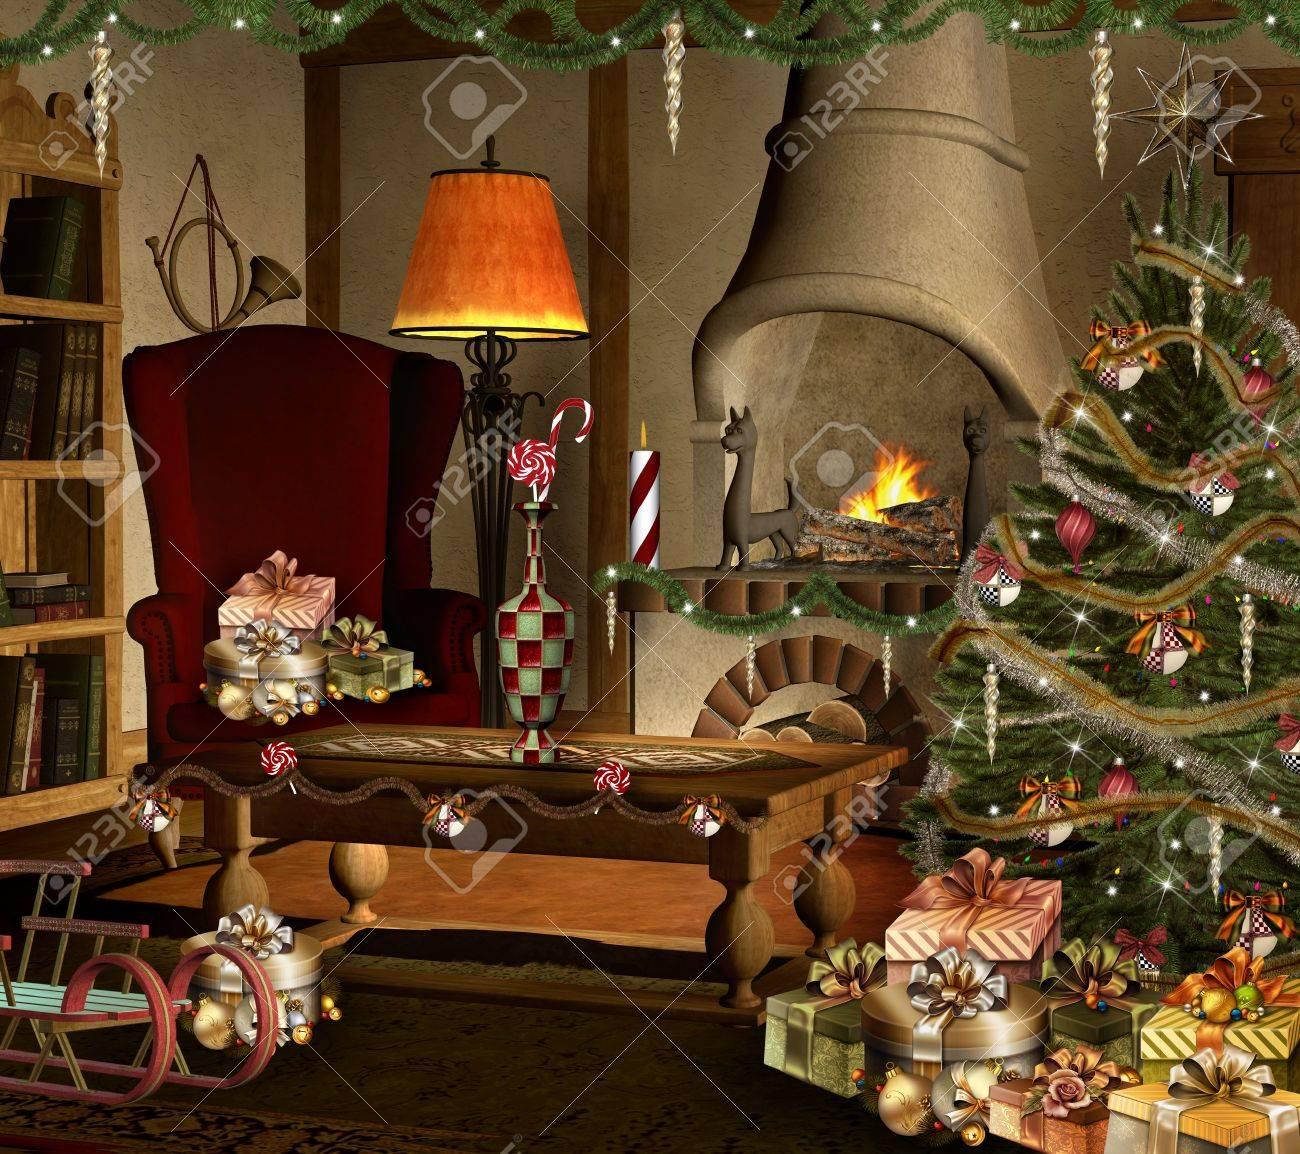 Süße Weihnachts-Zimmer Lizenzfreie Fotos, Bilder Und Stock ...